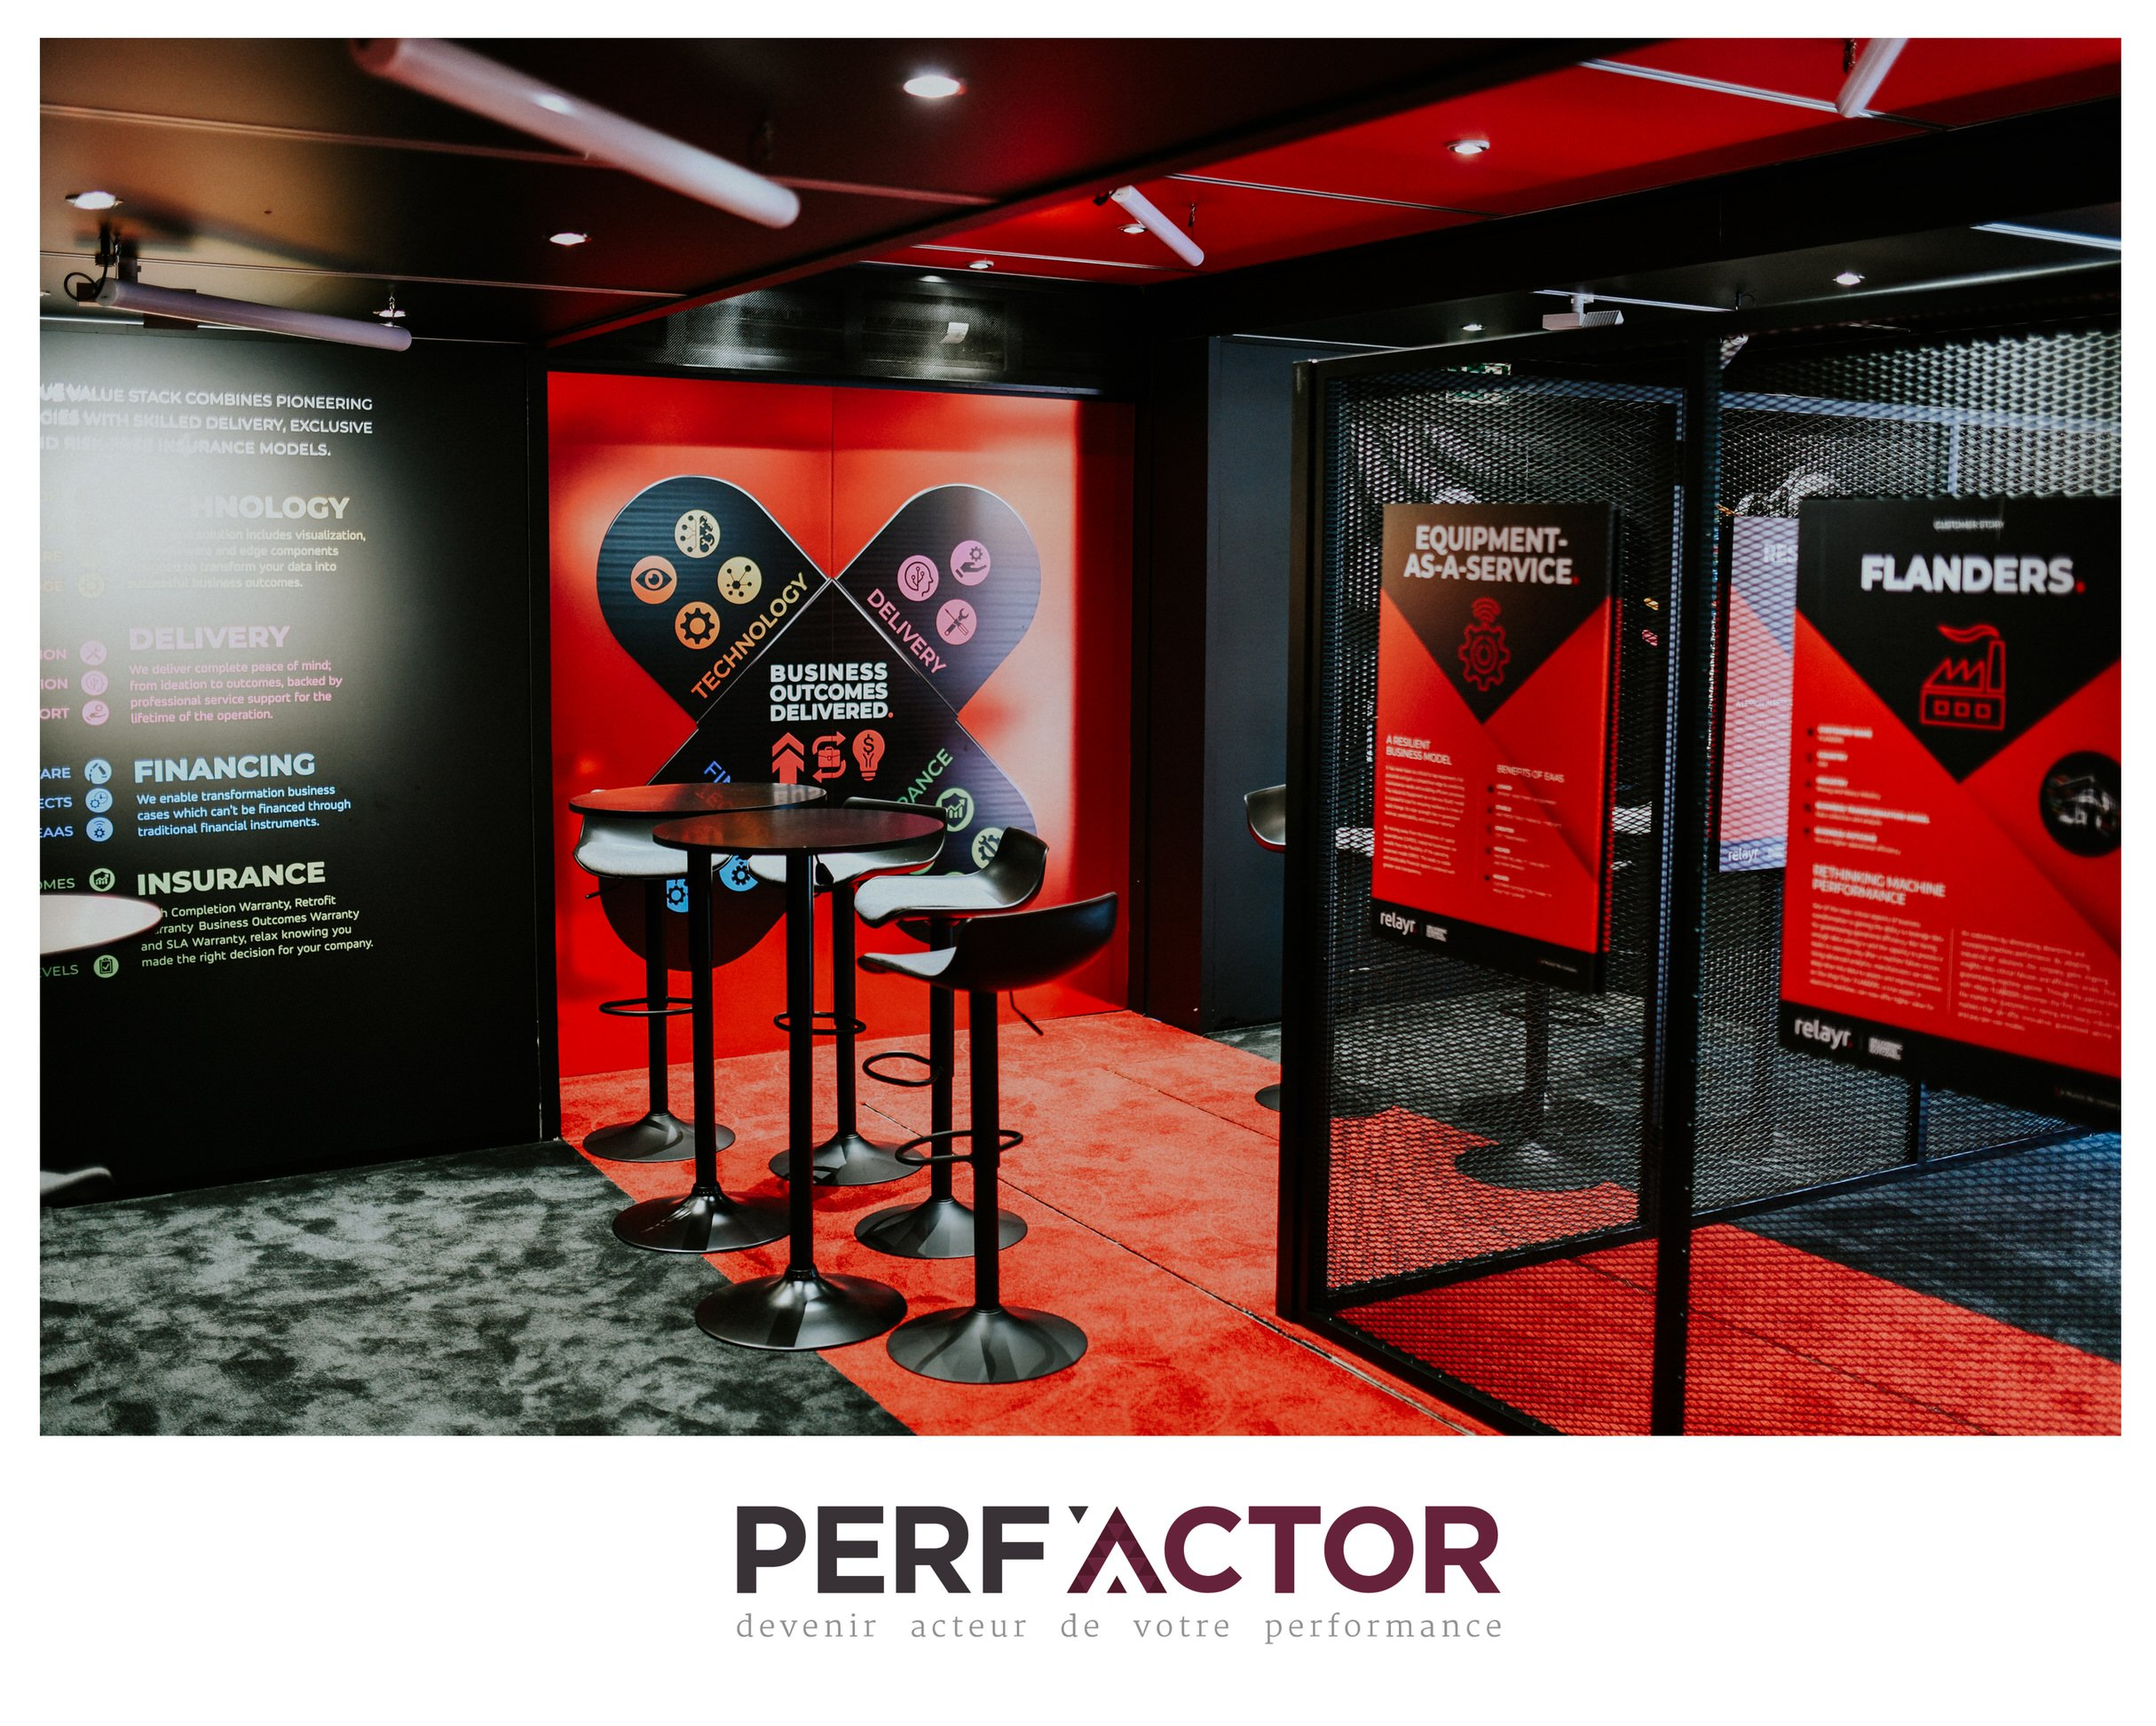 Pendant le SIDO 2020, PERF'ACTOR et Relayr ont réalisé ensemble un Webinaire spécialement construit pour le Symop : membre de la Fédération des Industries Mécaniques (FIM) et fondateur de l'Alliance Industrie du Futur (AIF).